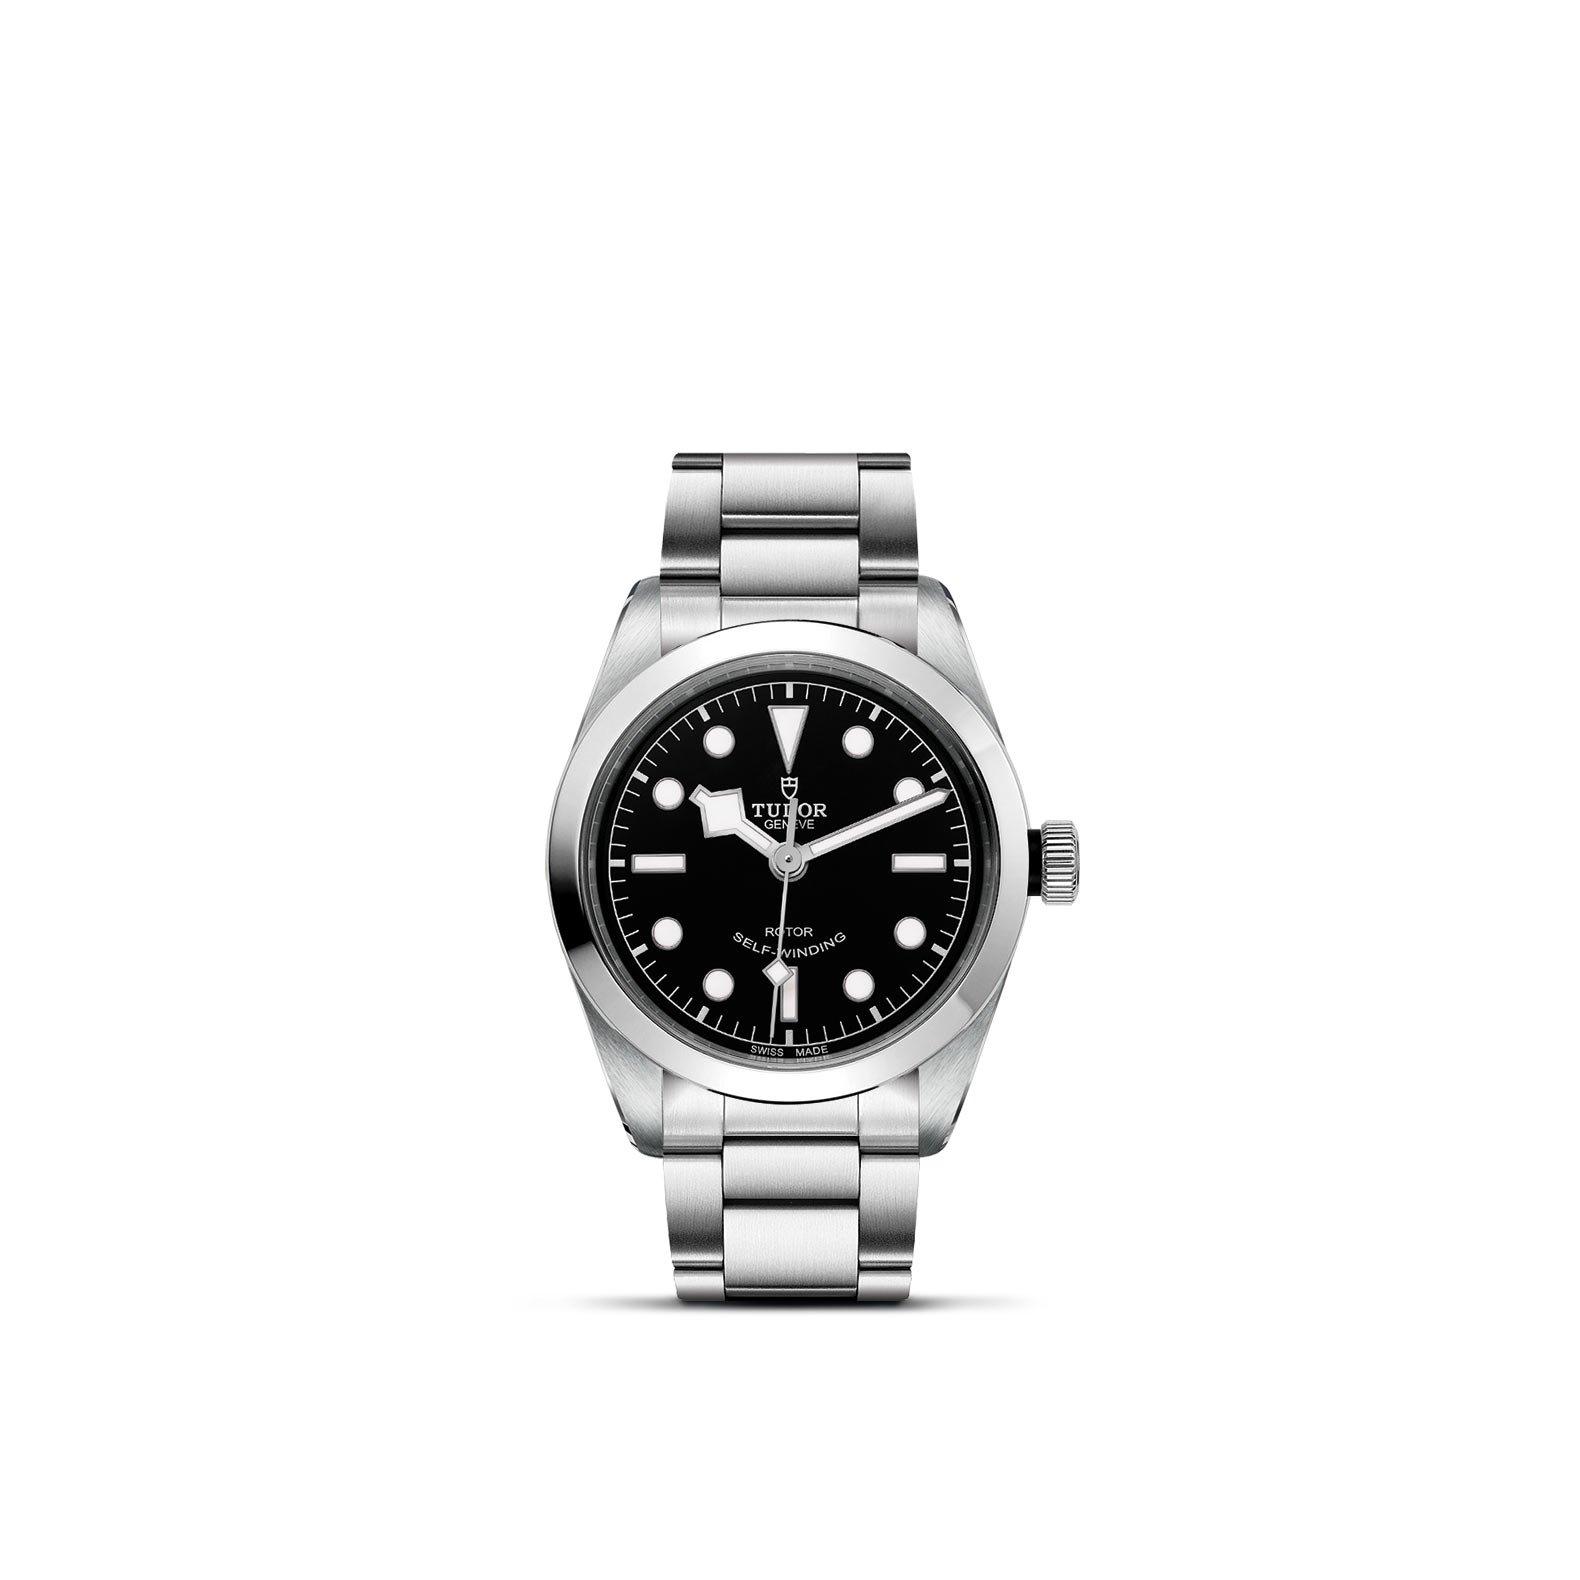 Montre TUDOR Black Bay 36 boîtier en acier, 36mm, bracelet en acier vue 1